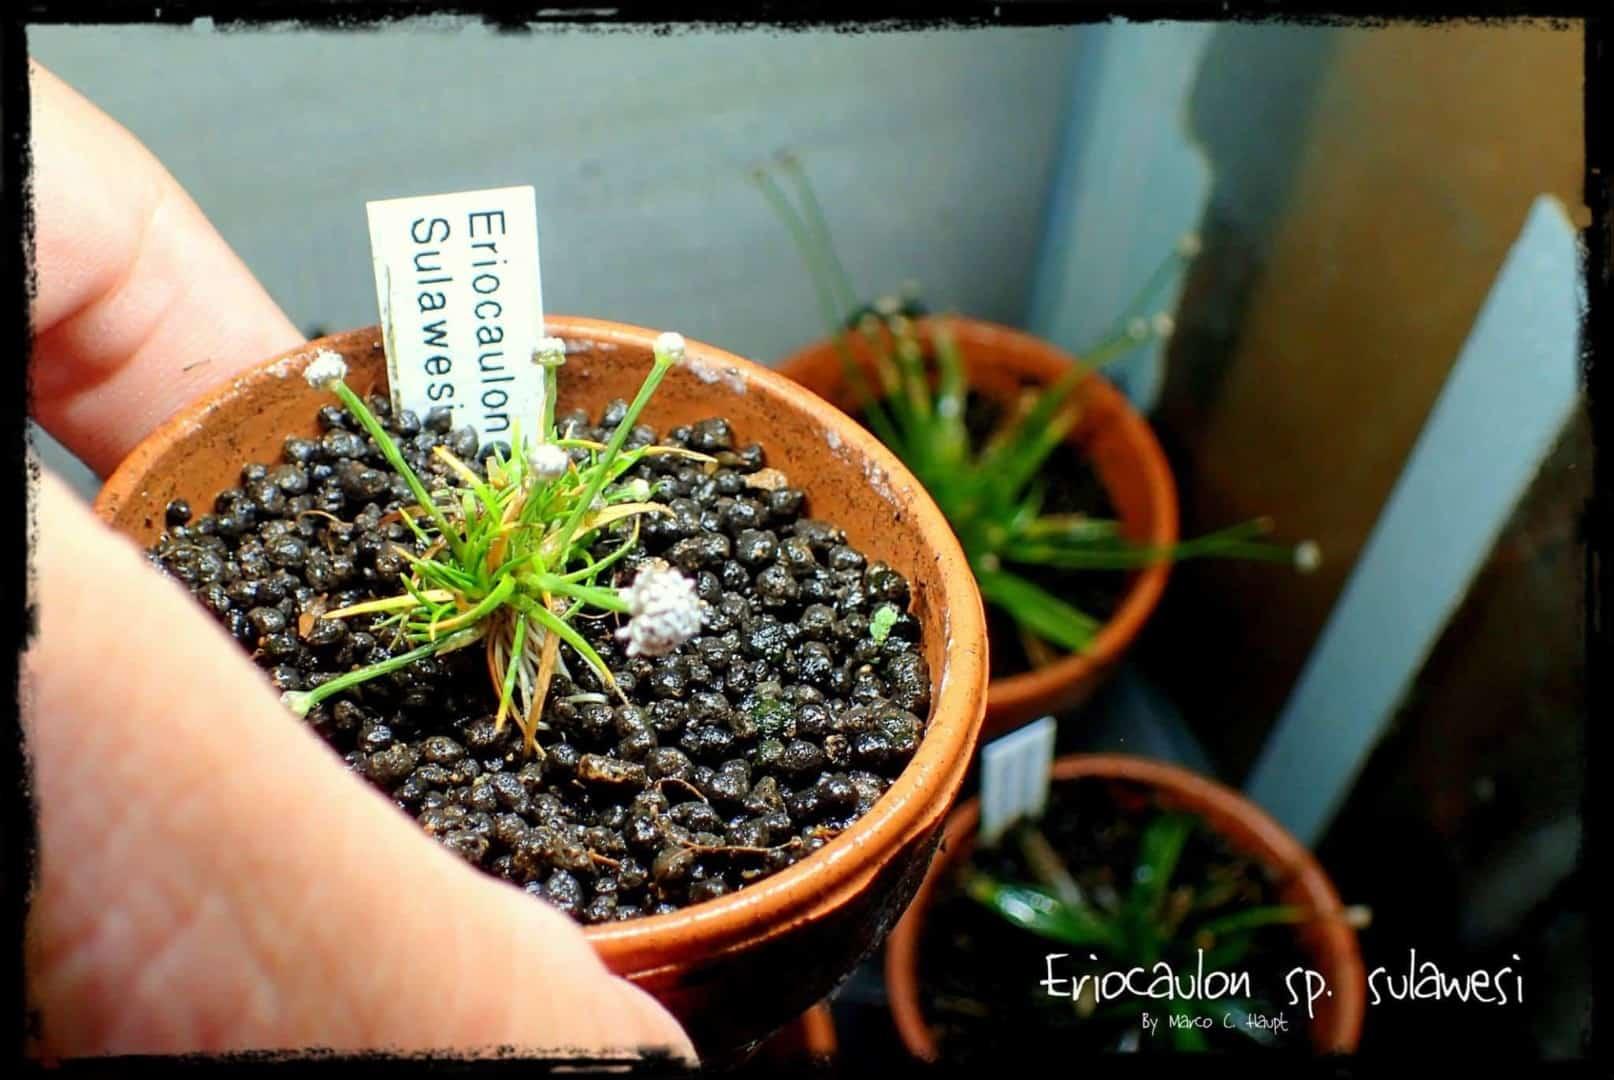 Podcast Episode #136: Eriocaulon - Eine sehr spezielle Pflanzengattung (Niklas Entenmann) 12